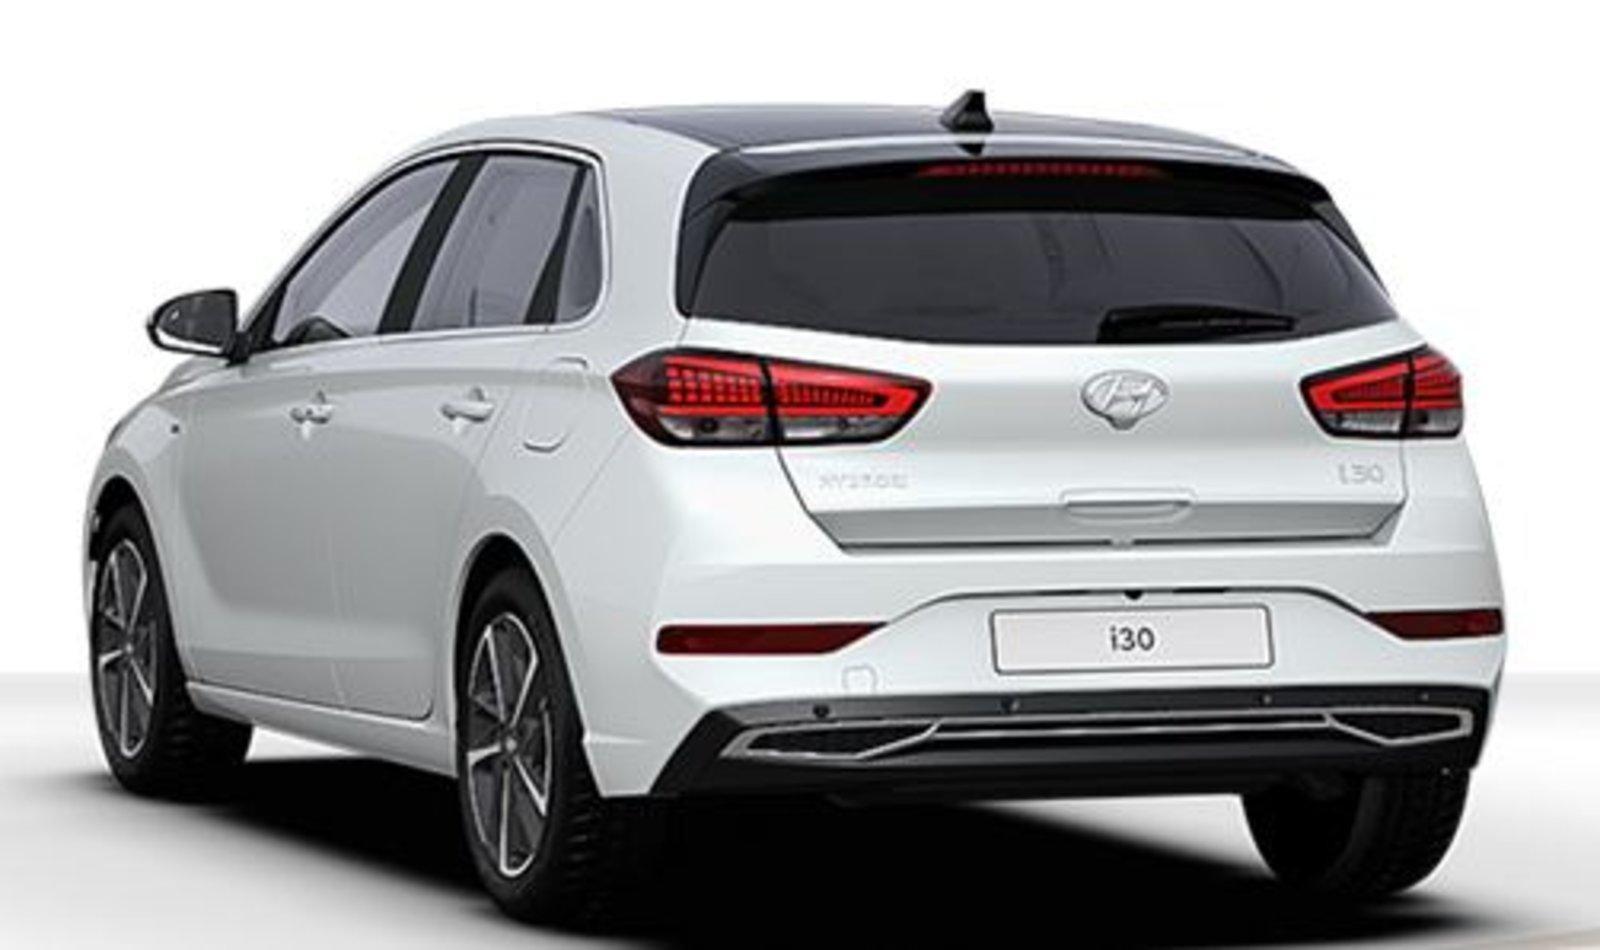 Hyundai i30 1.6 CRDI n. Modell! LED*Kamera*Navi uvm!